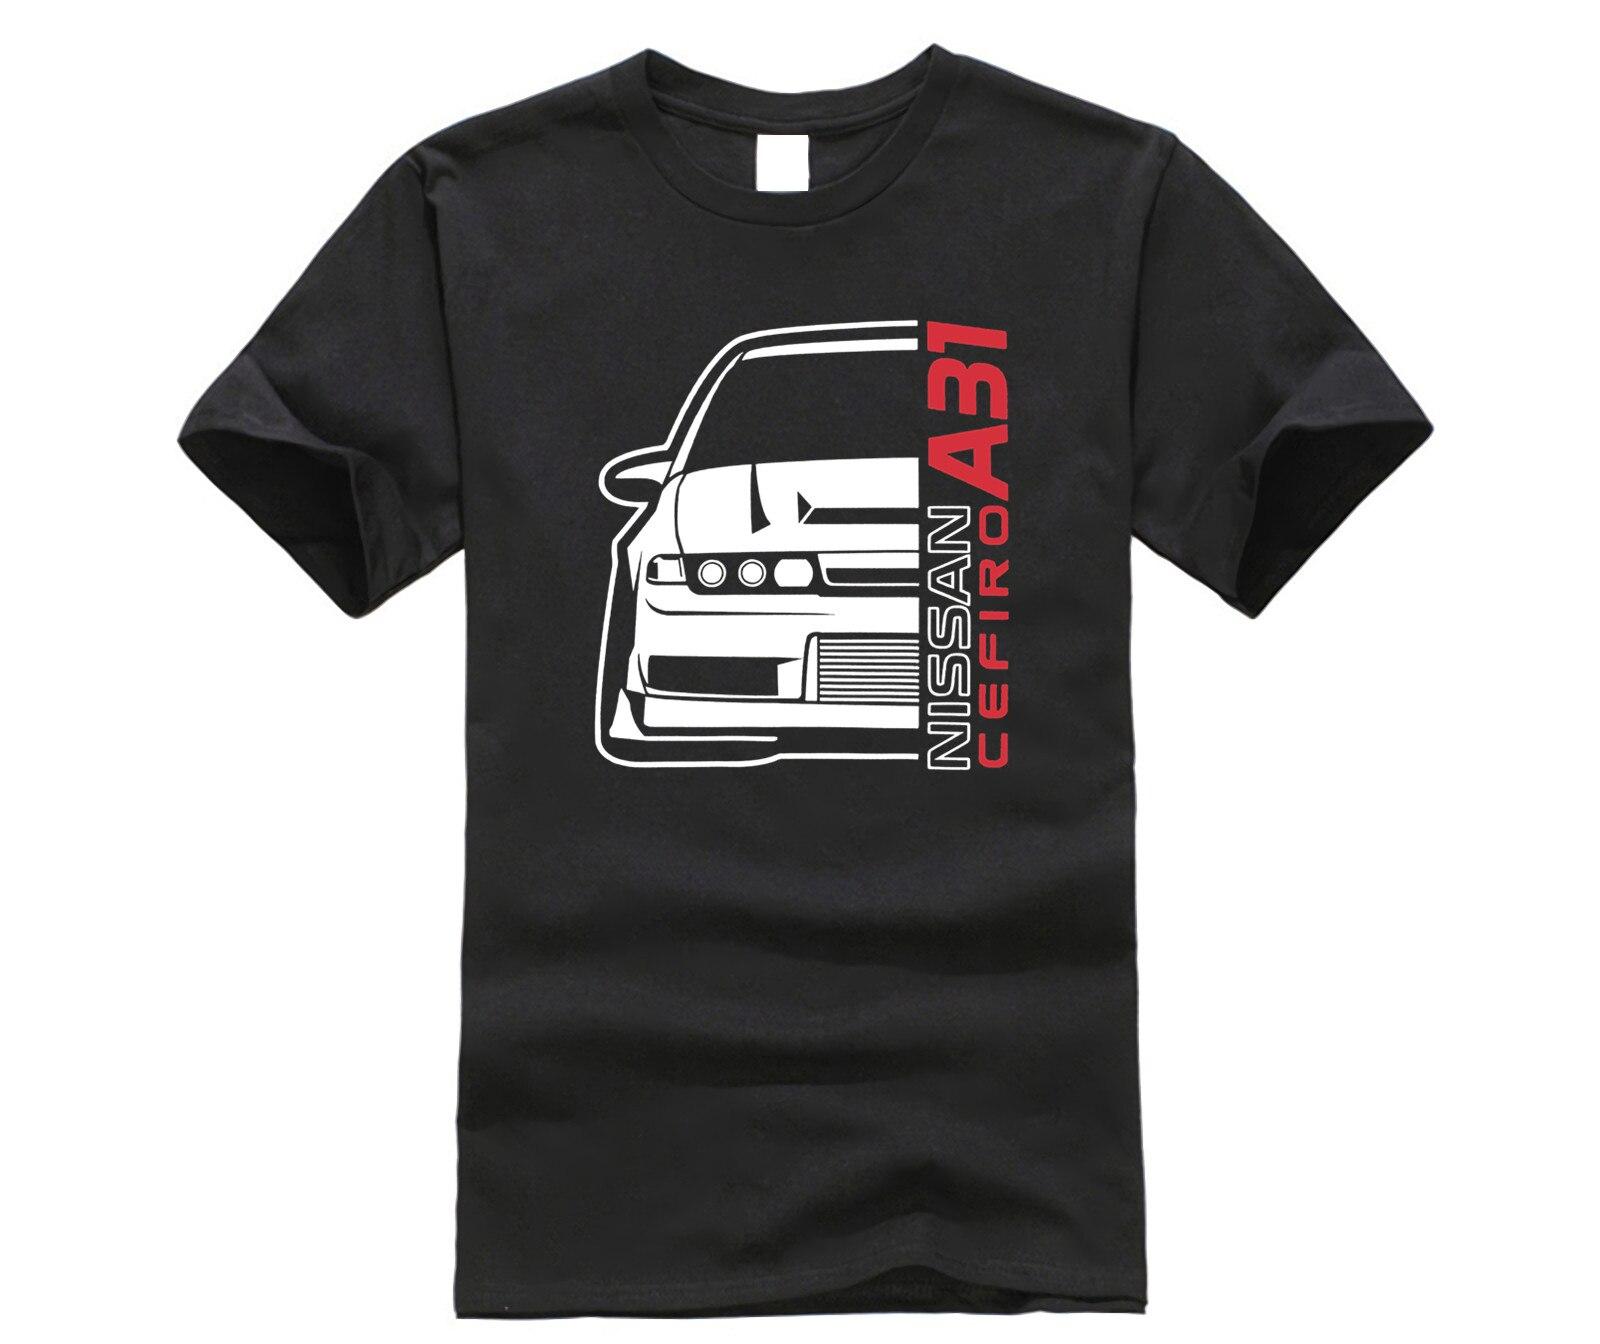 2019 Fashion Summer T Shirt  Classic Japanese car fans Cefiro A31 T-SHIRT Tee